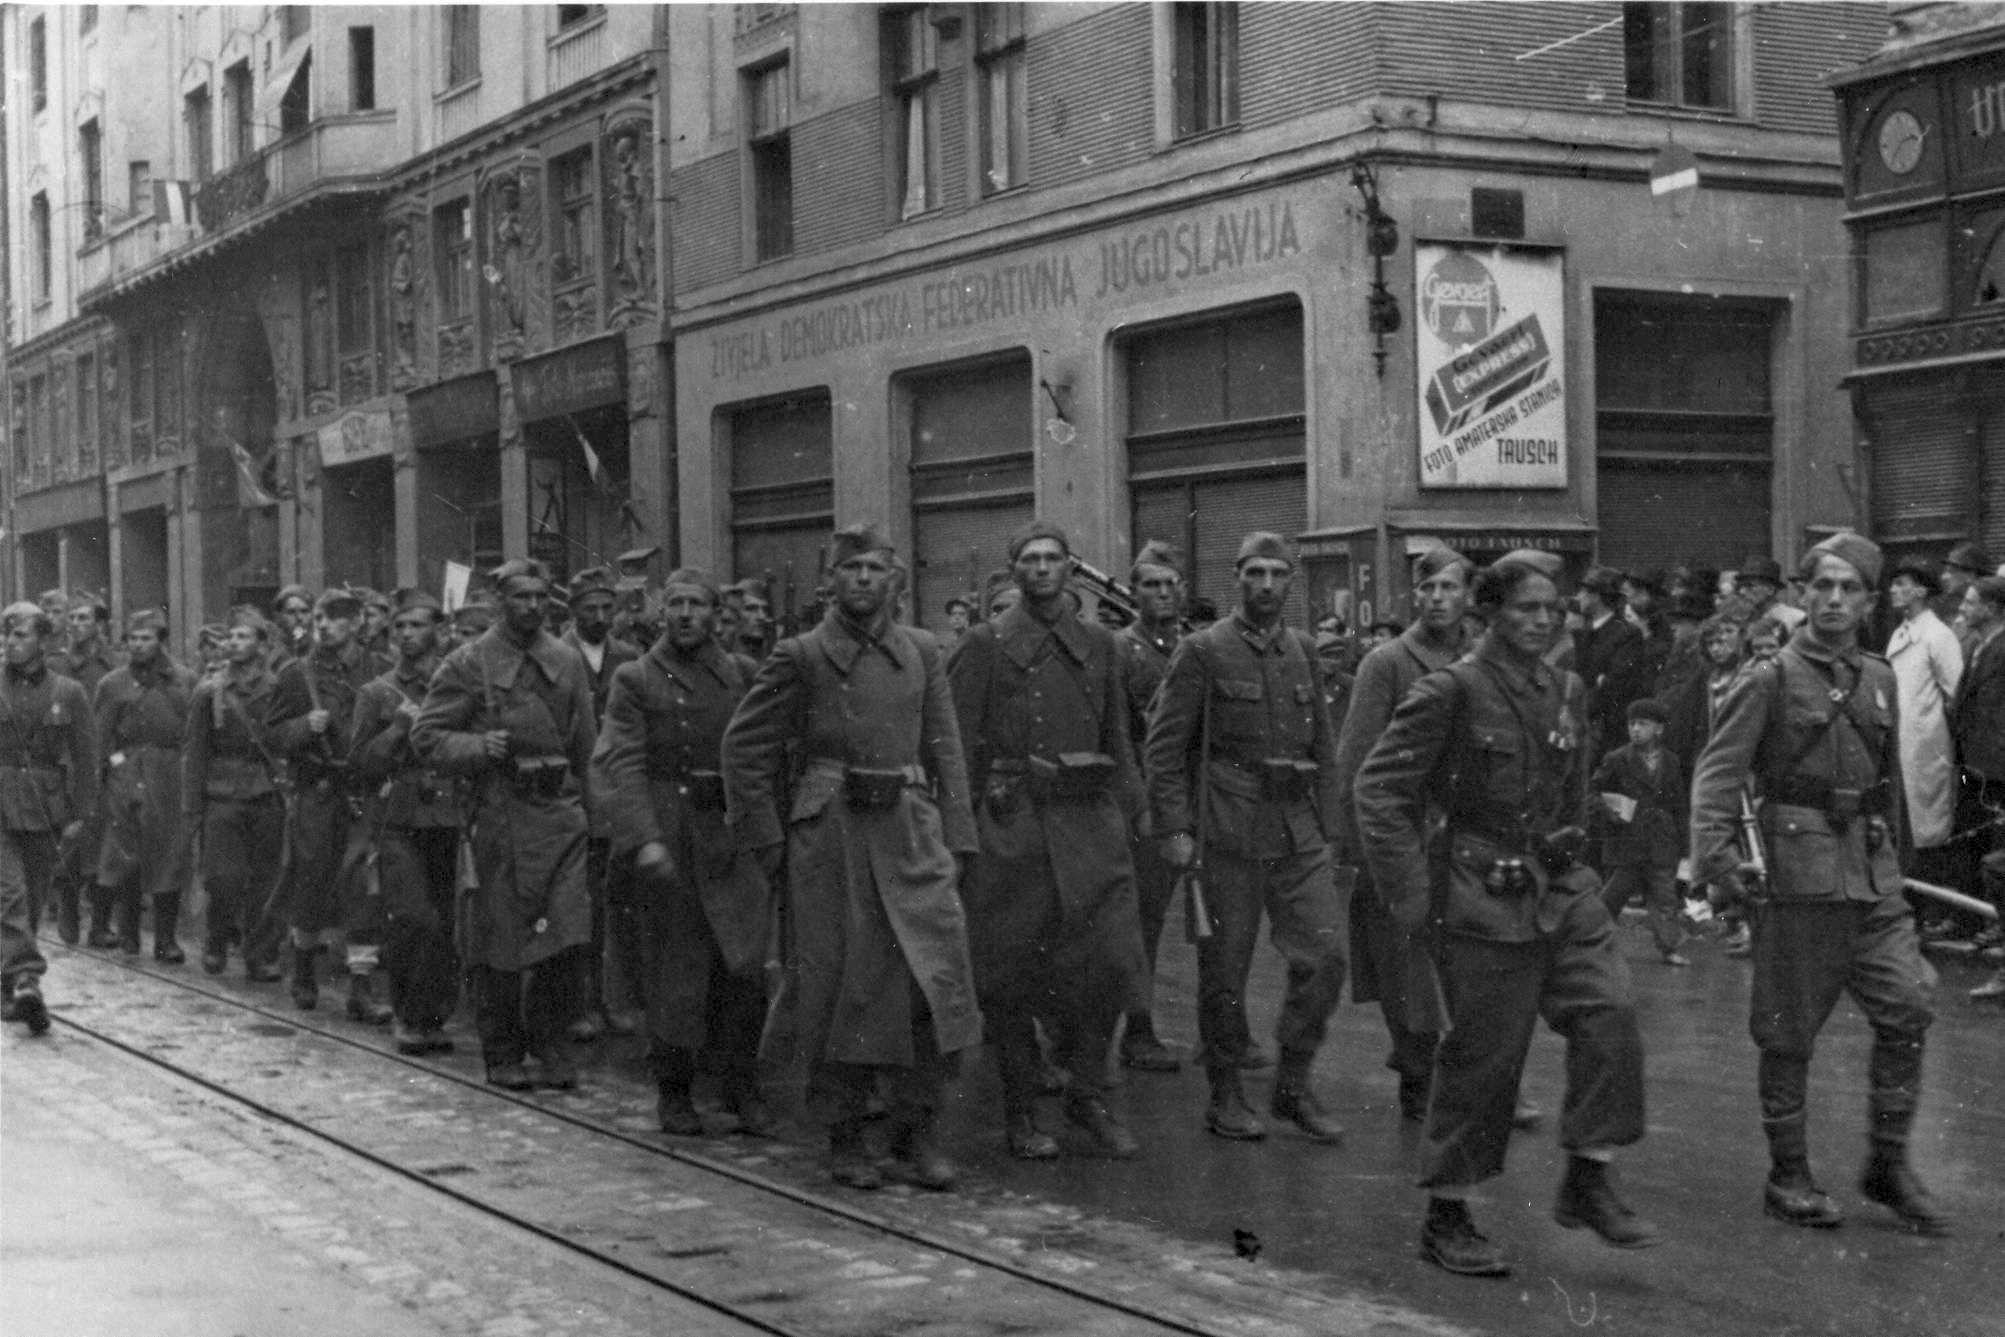 Jedinice 3. korpusa Narodnooslobodilačke vojske ulaze u oslobođeno Sarajevo 6. aprila 1945. godine